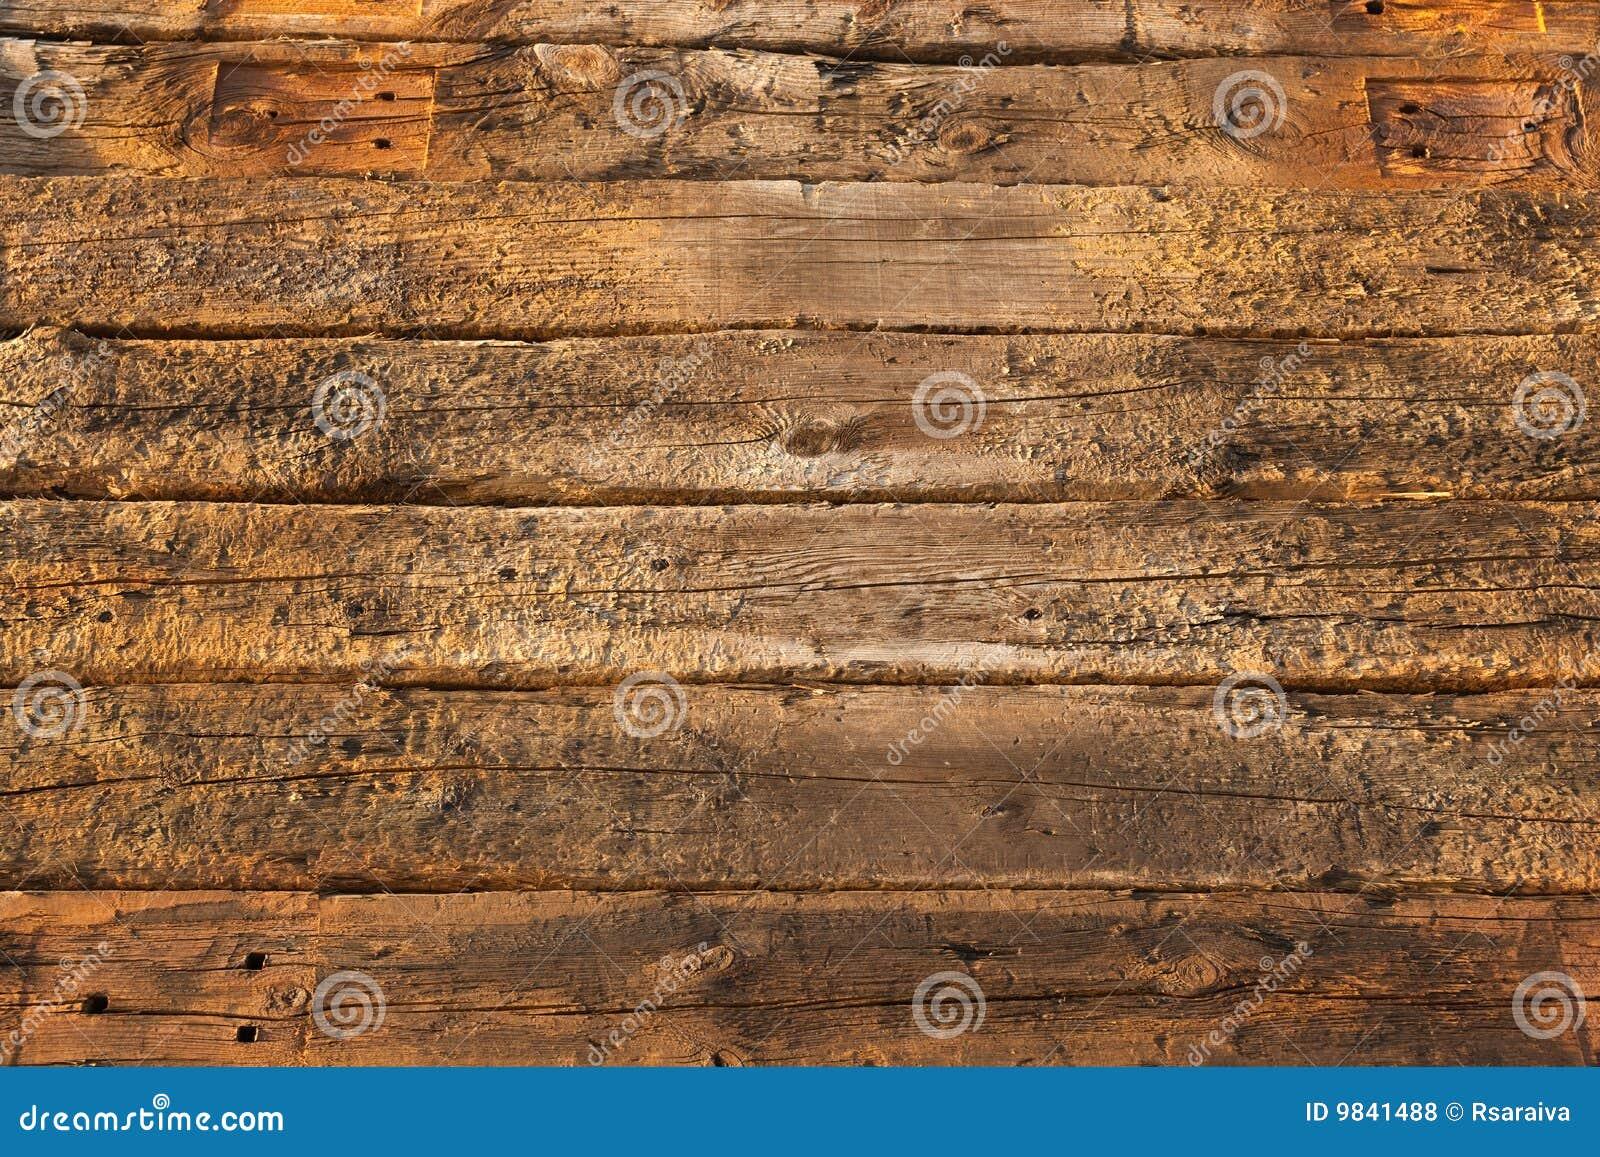 vieilles planches en bois photos libres de droits image. Black Bedroom Furniture Sets. Home Design Ideas